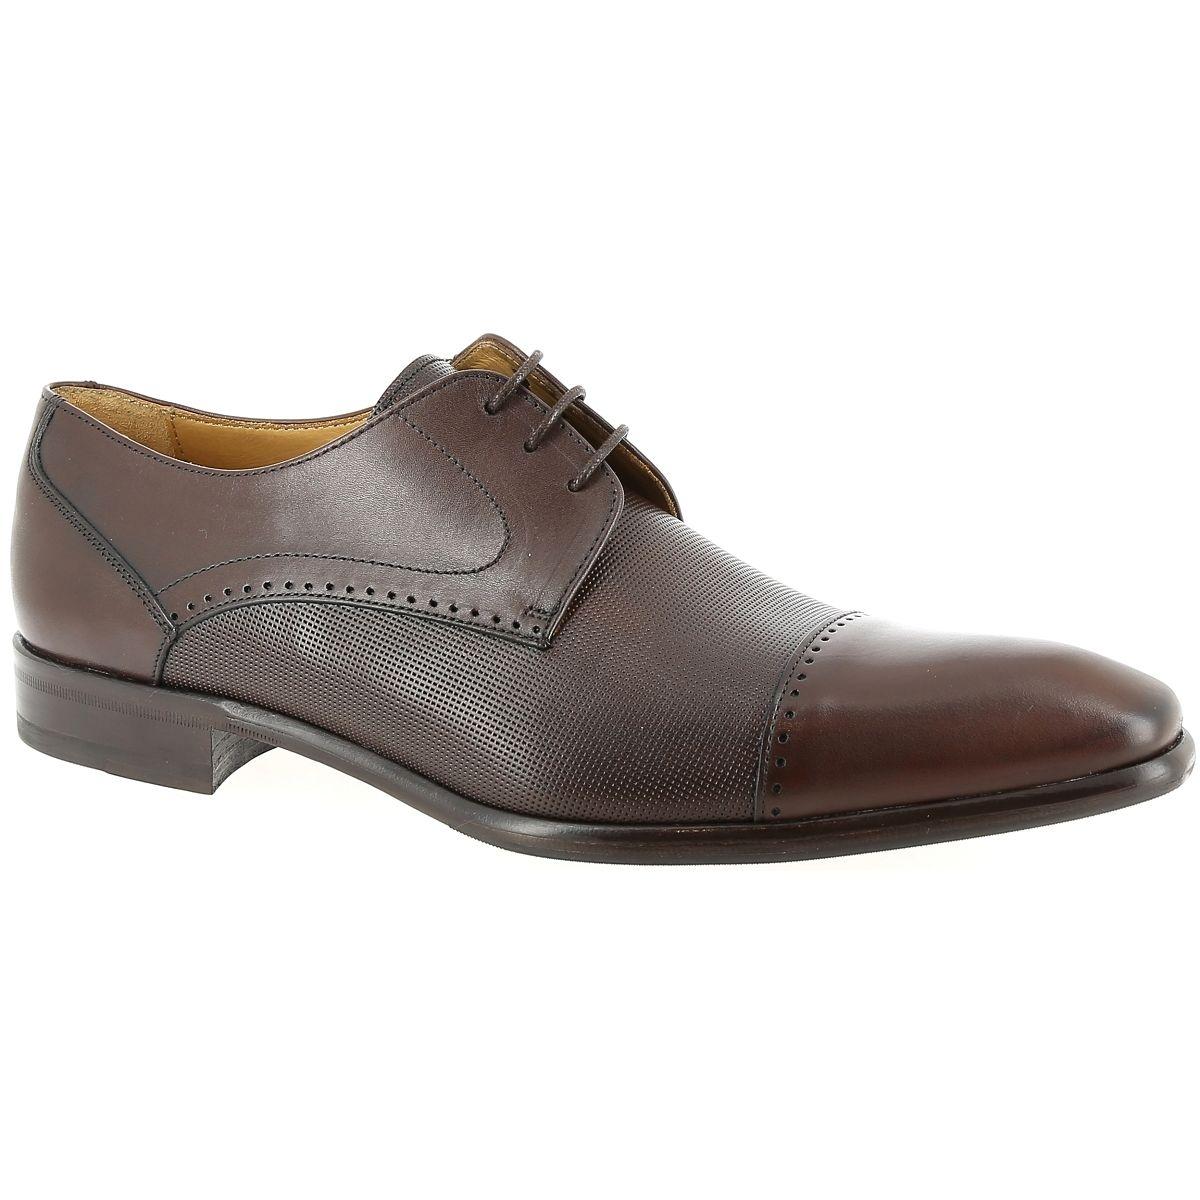 Chaussures à lacets cuir